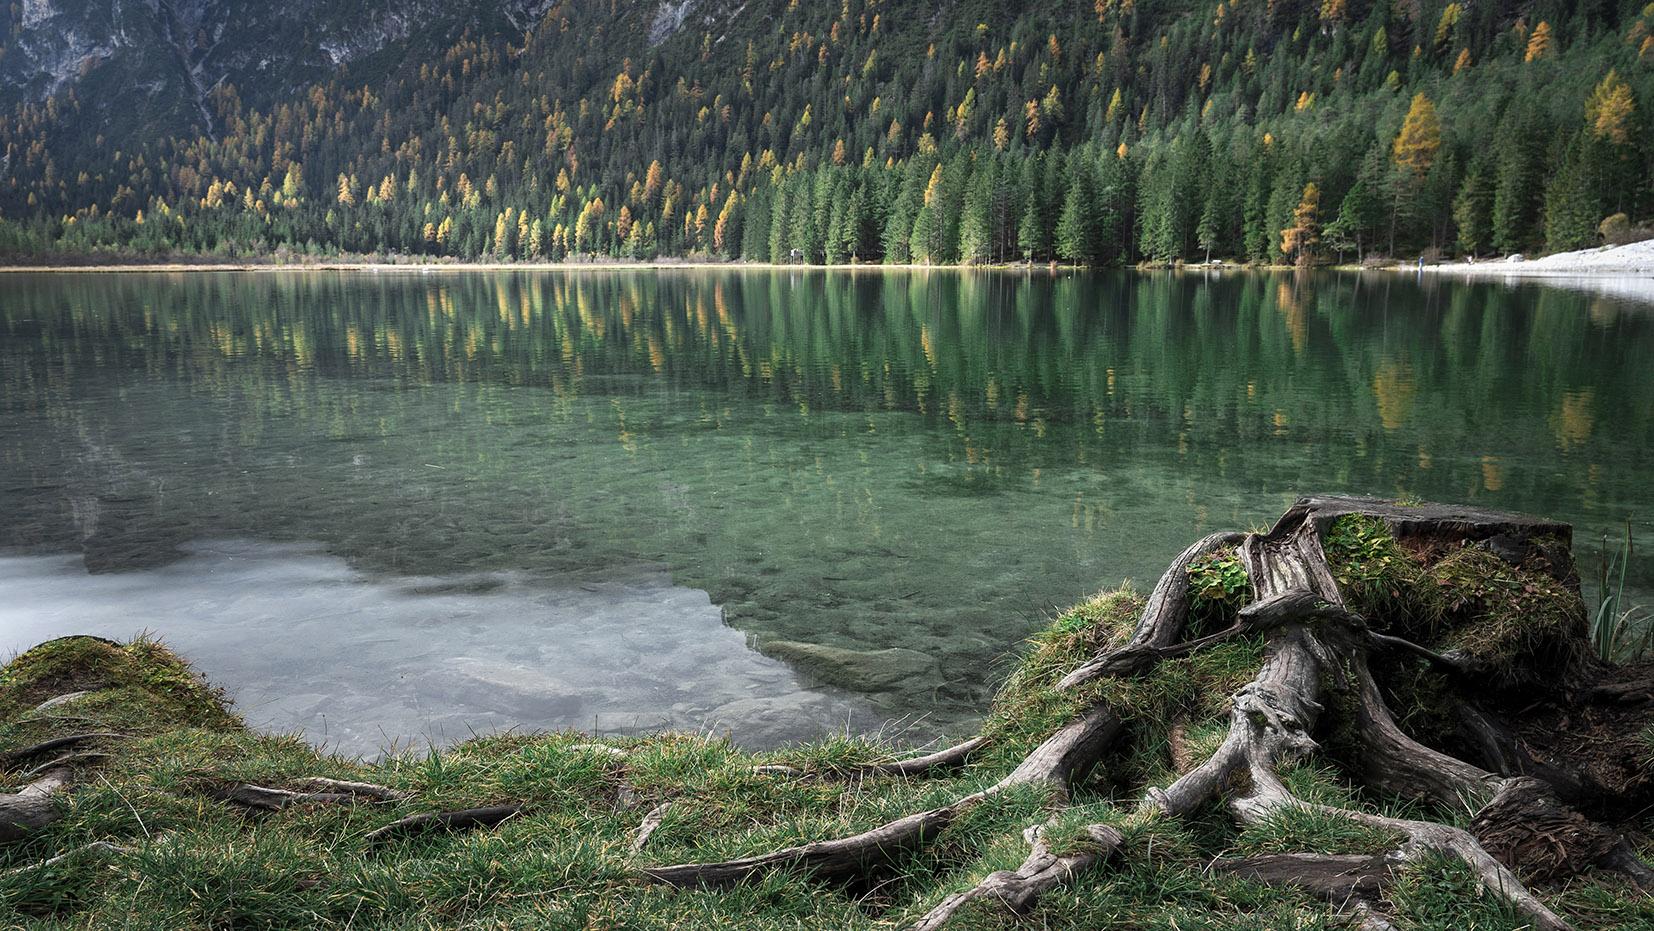 Une semaine dans les Dolomites Lago di Dobiacco eau verte reflet sapins autilne tronc